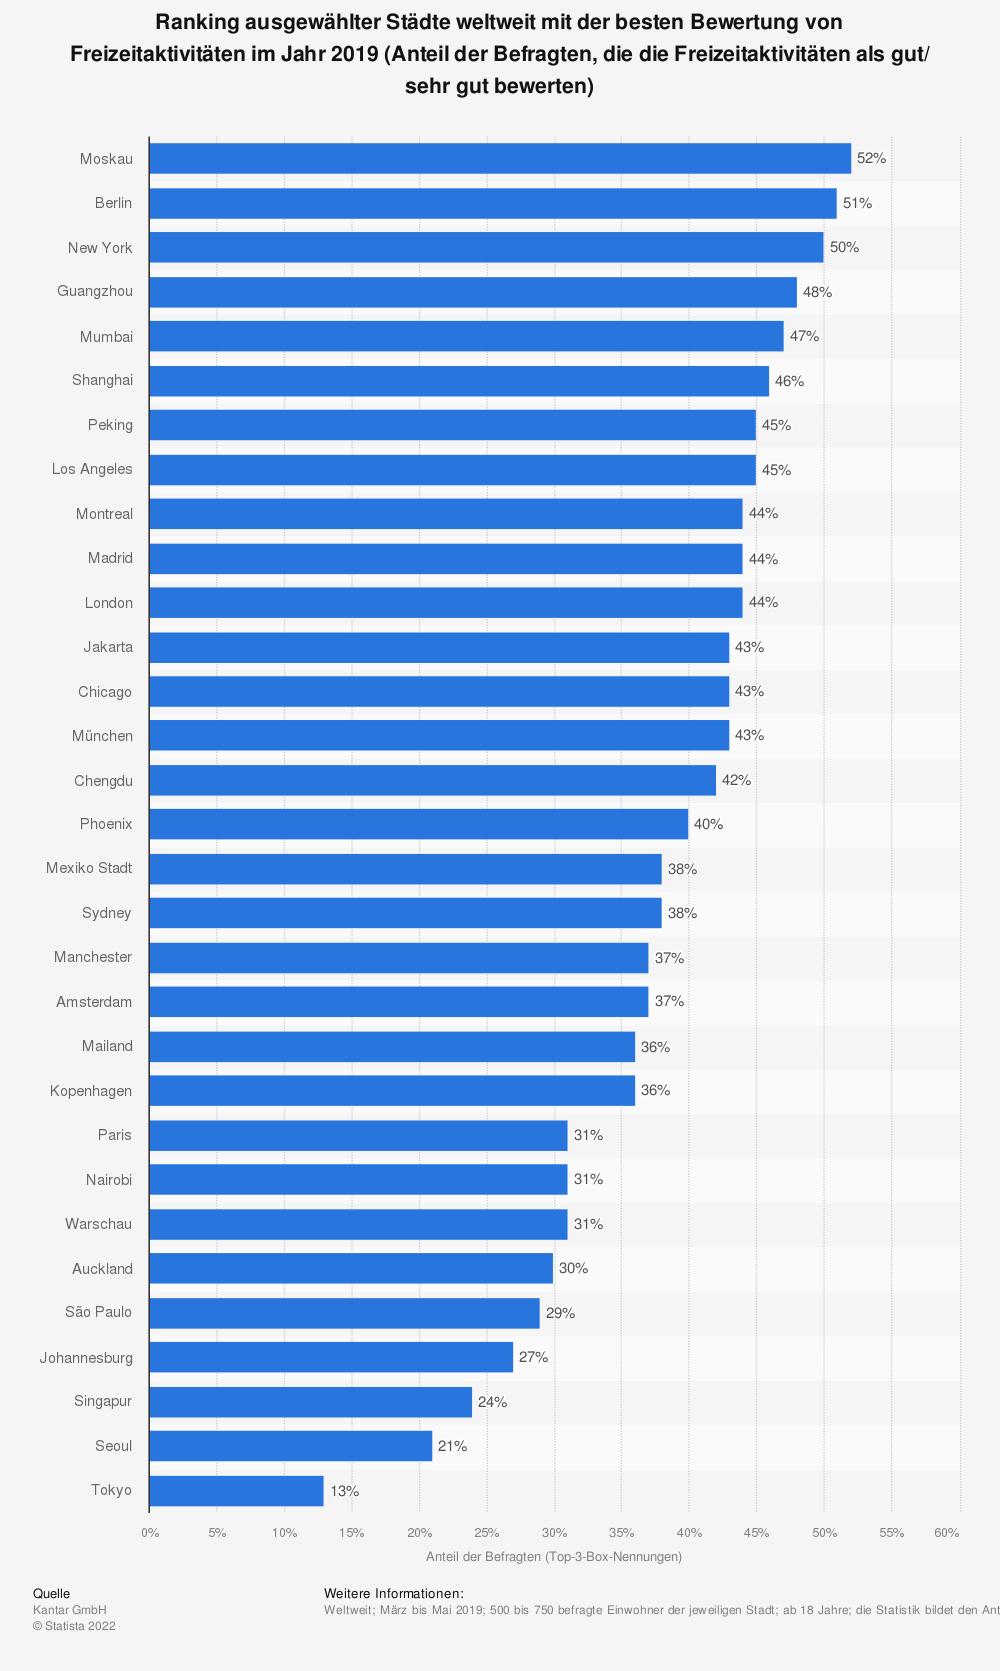 Statistik: Ranking ausgewählter Städte weltweit mit der besten Bewertung von Freizeitaktivitäten im Jahr 2019 (Anteil der Befragten, die die Freizeitaktivitäten als gut/ sehr gut bewerten) | Statista